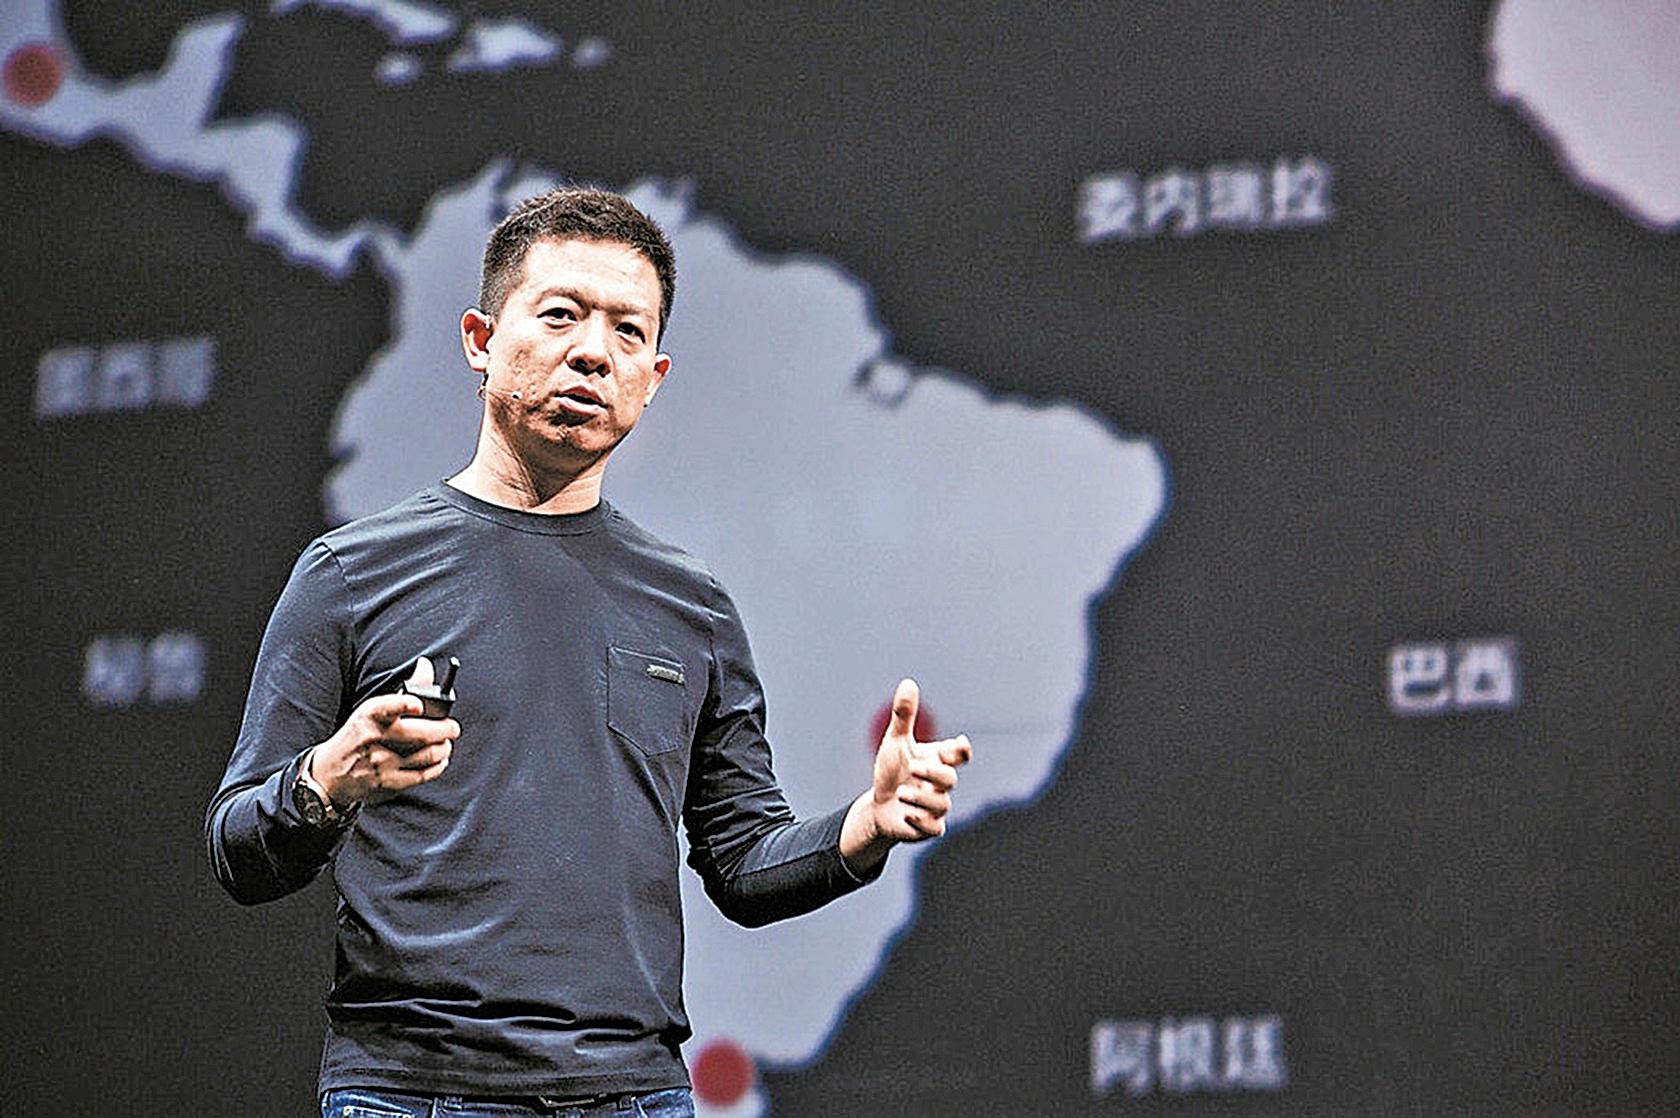 17日的股東大會上,賈躍亭沒有以任何形式露面或發聲,股東大會表示其回國時間未定。(網絡圖片)